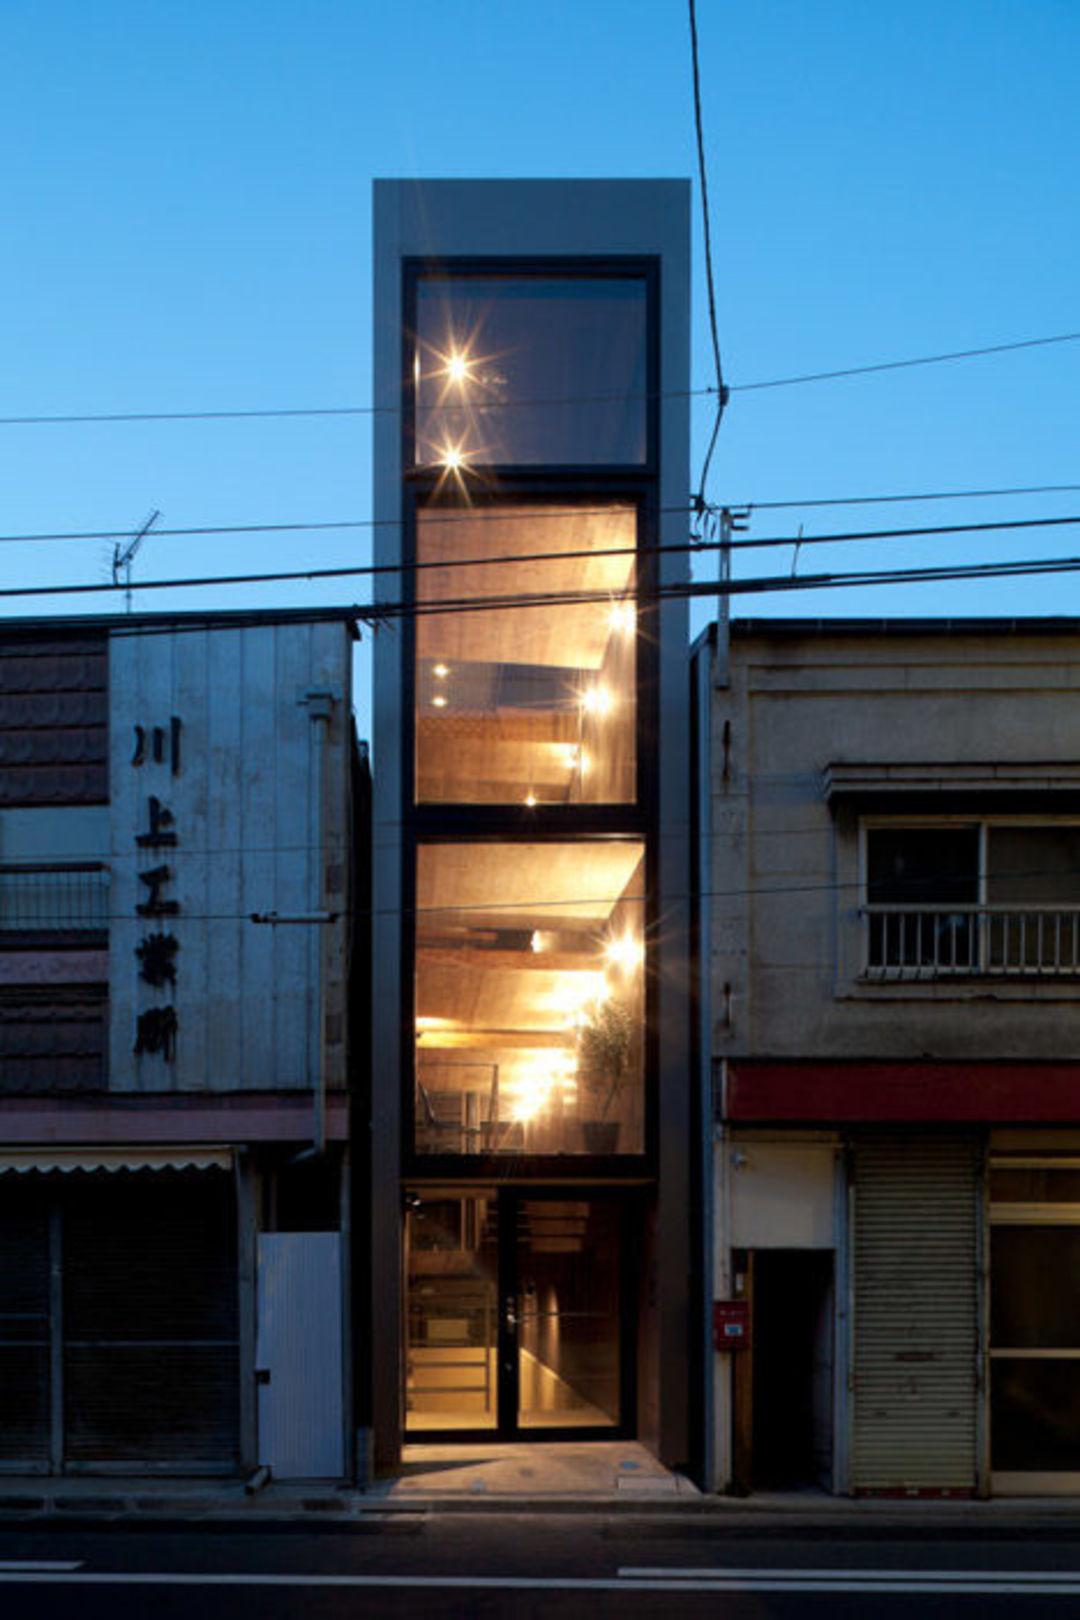 在日本,夹缝中求生存的窄房子也能变身宜居空间_设计_好奇心日报